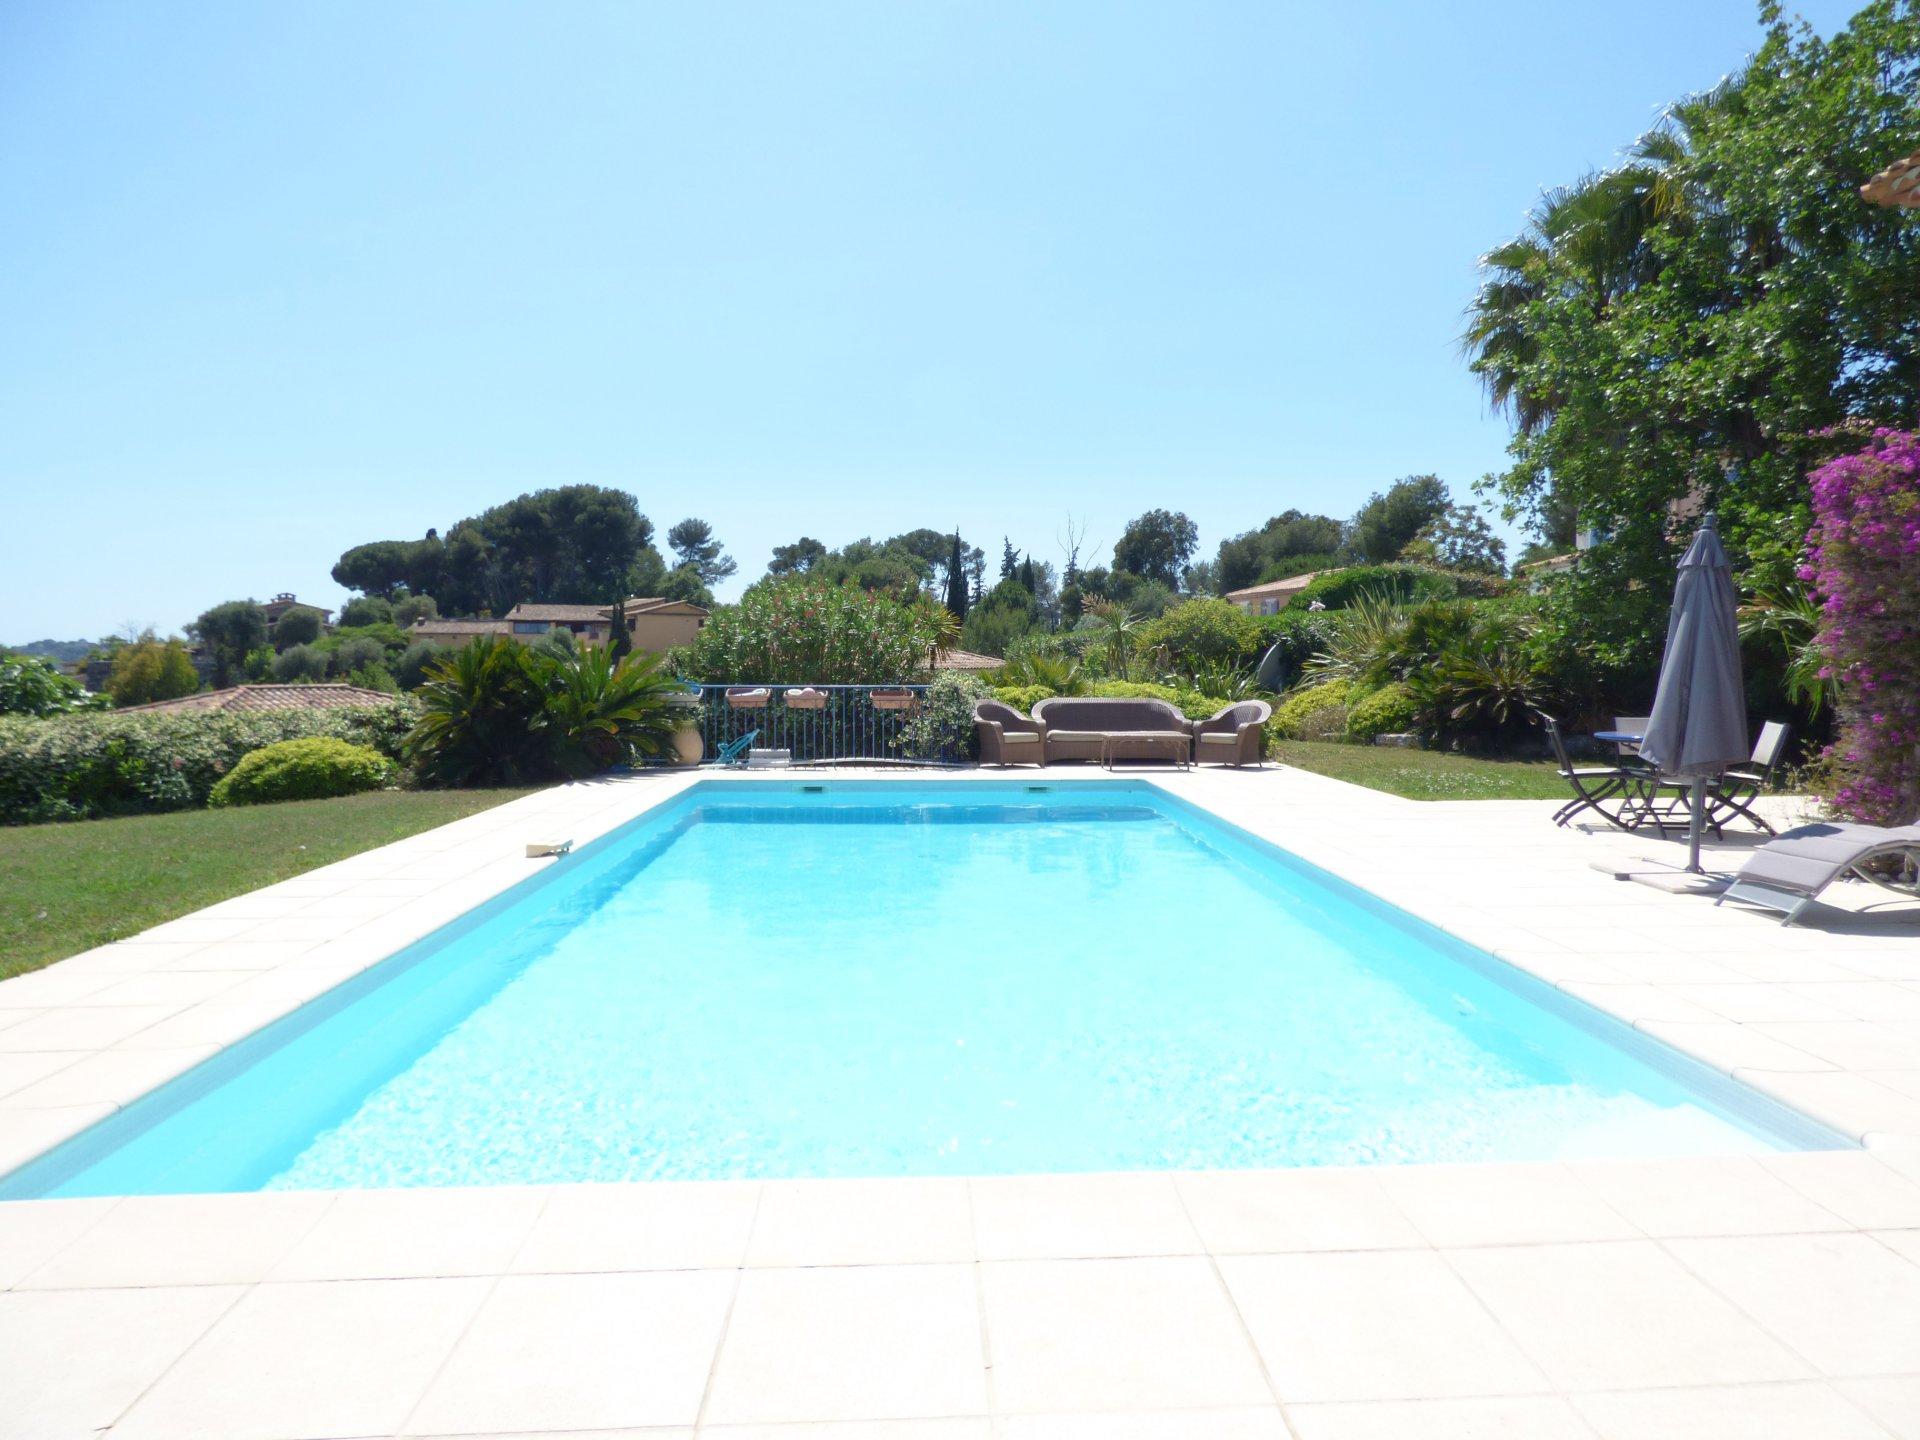 Великолепная современная вилла с бассейном на Лазурном побережье